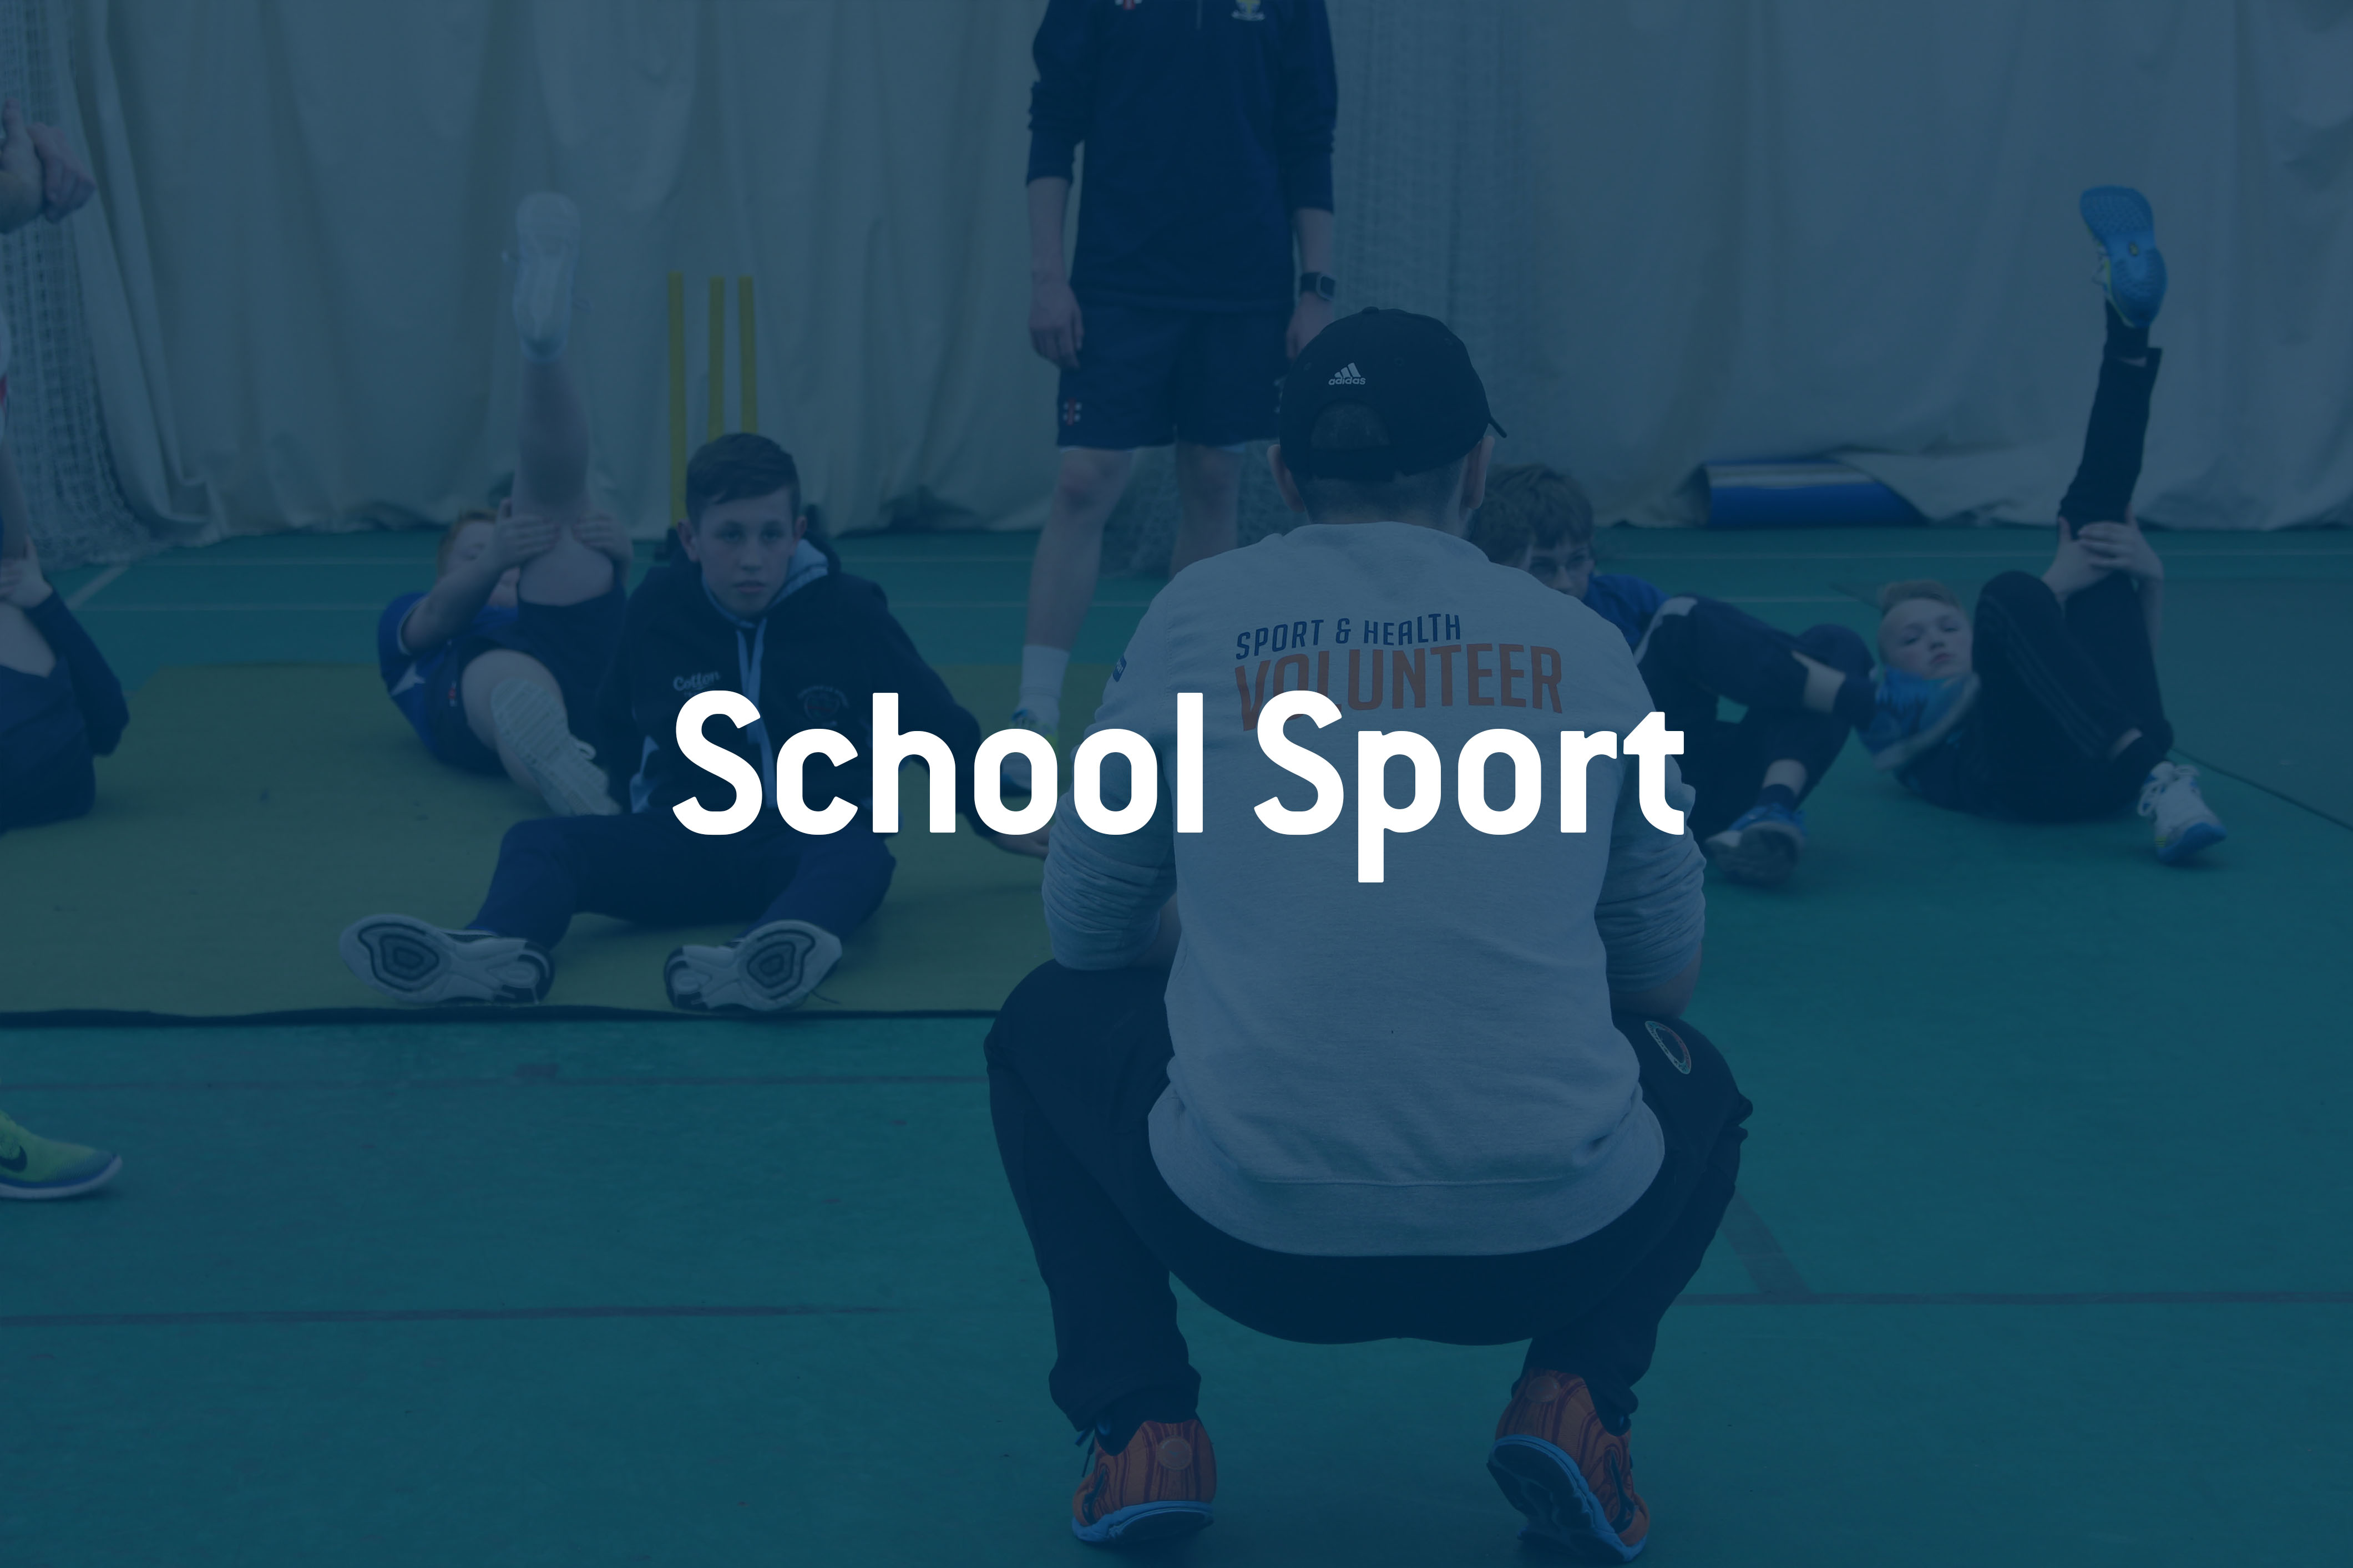 School Sport image